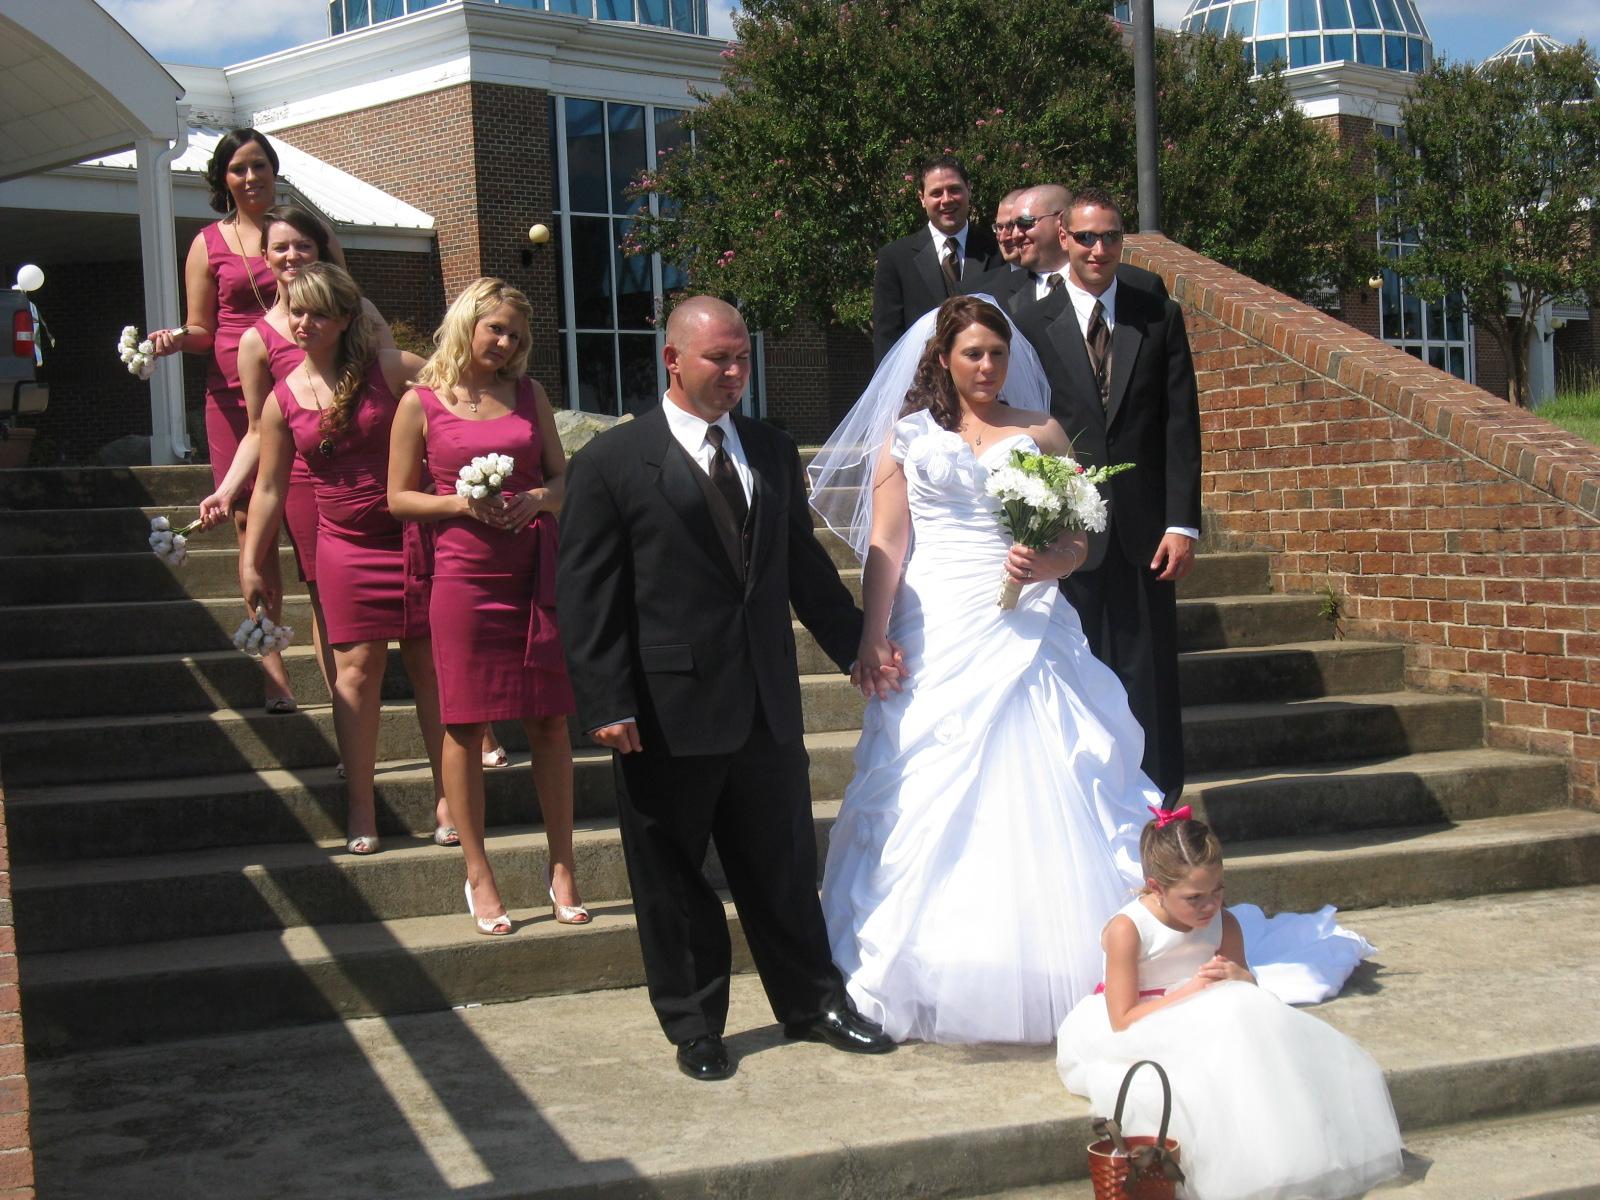 http://4.bp.blogspot.com/-RX5UpY2Lu0Q/Tm0QtUplIxI/AAAAAAAAAOk/rnWwQp0UF6Q/s1600/Christen+%2526+Andrew%2527s+Wedding+056.JPG